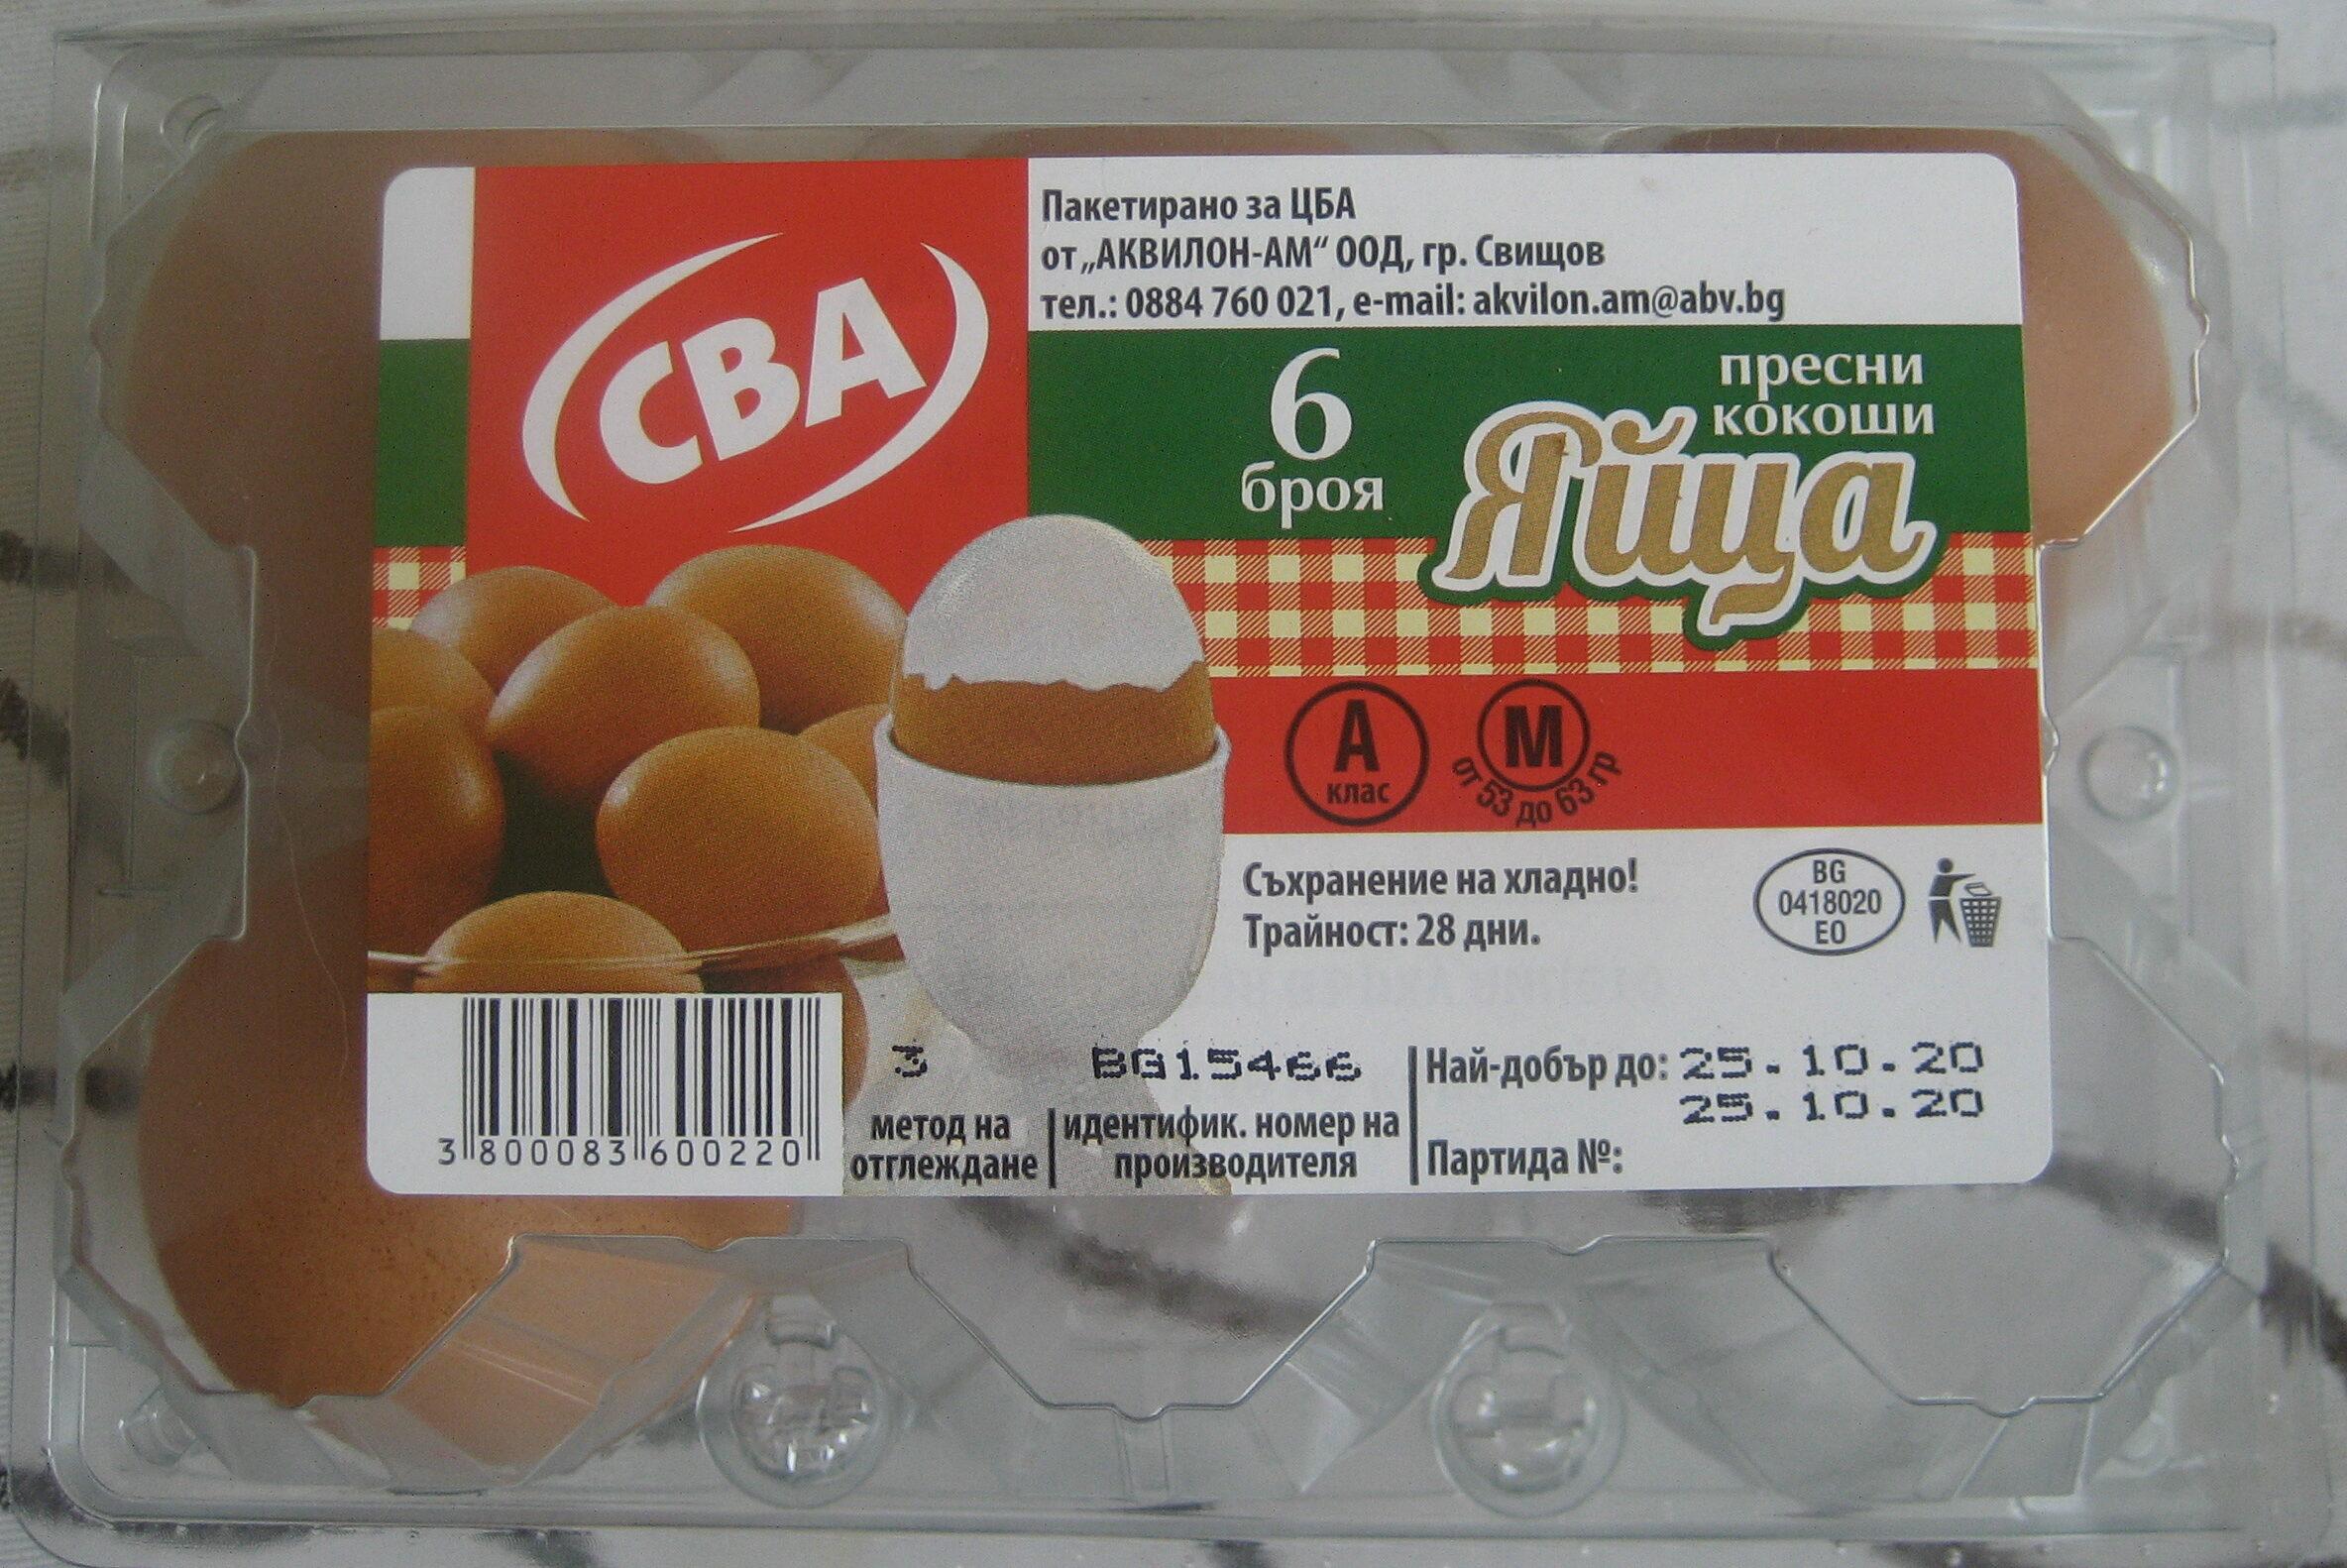 Пресни кокоши яйца - Producto - bg